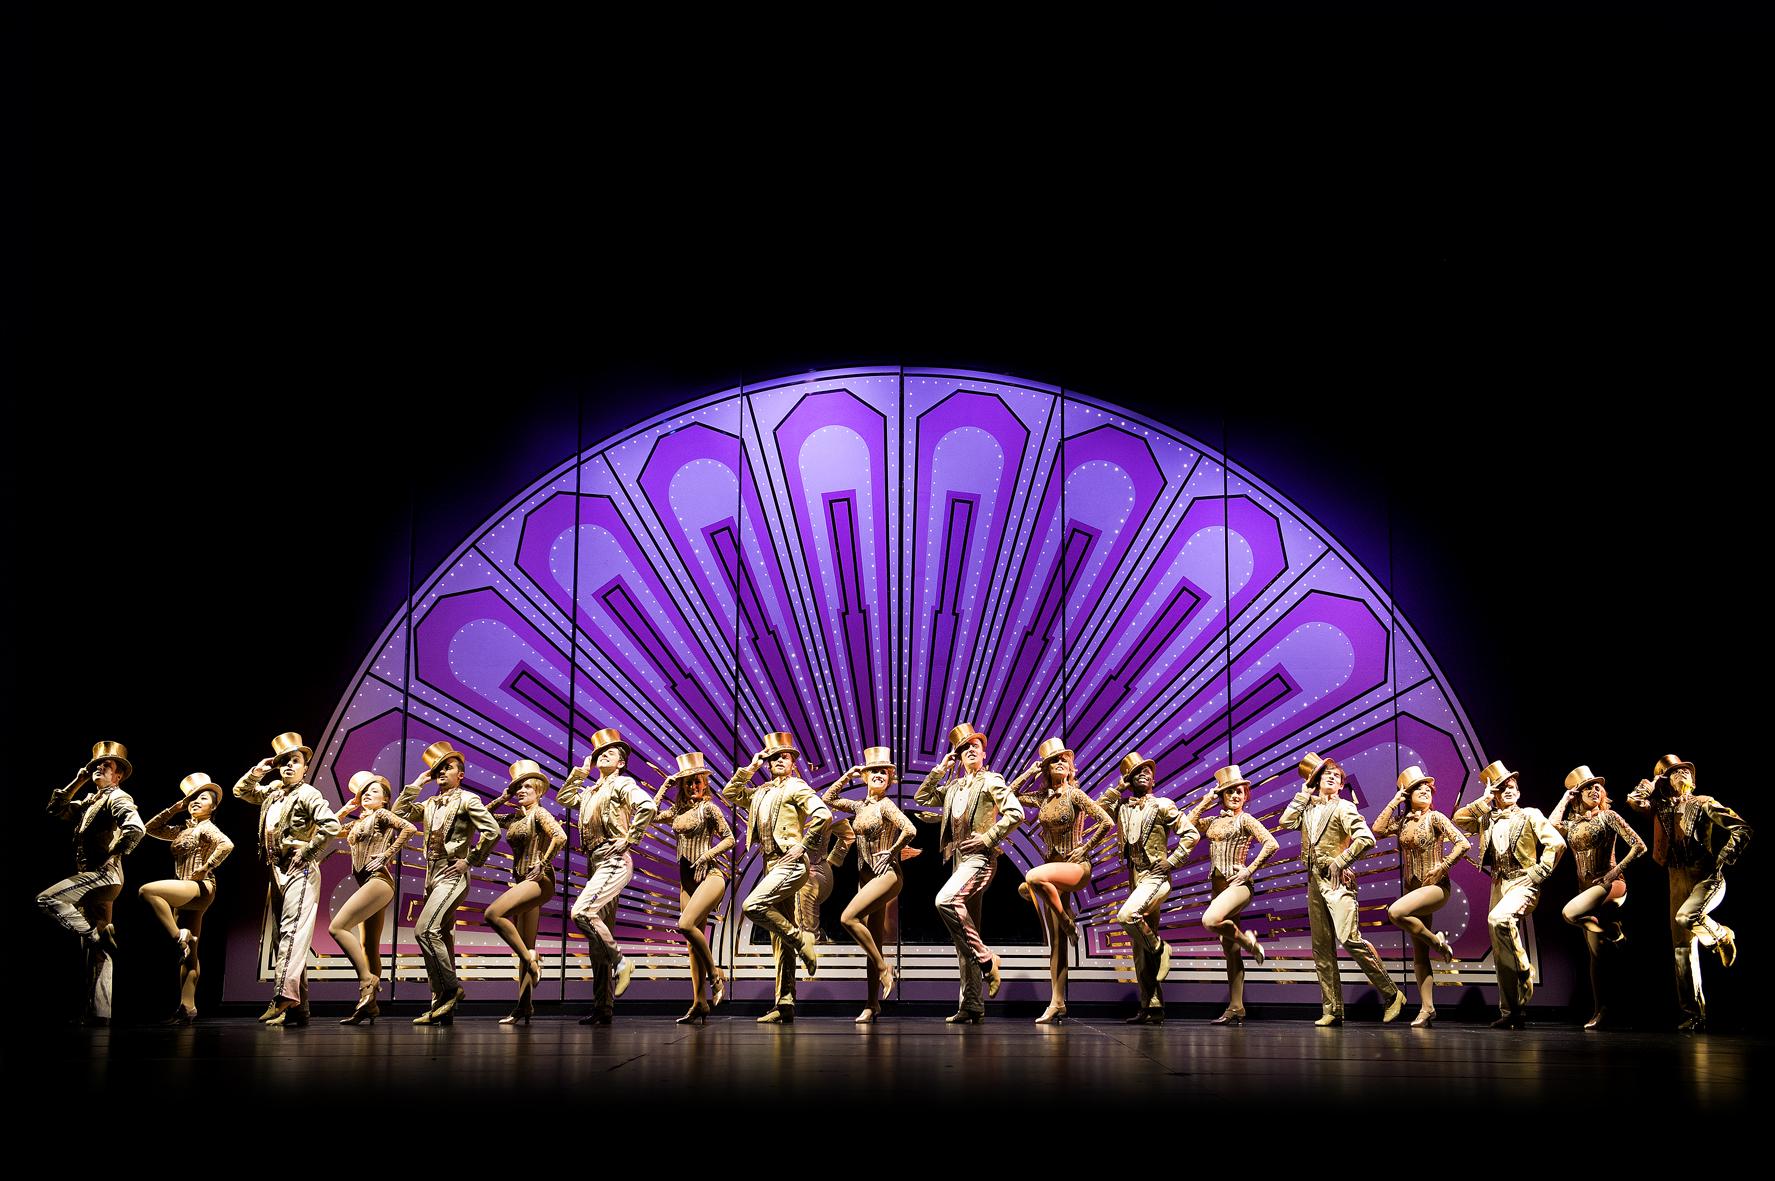 A Chorus Line - London Palladium